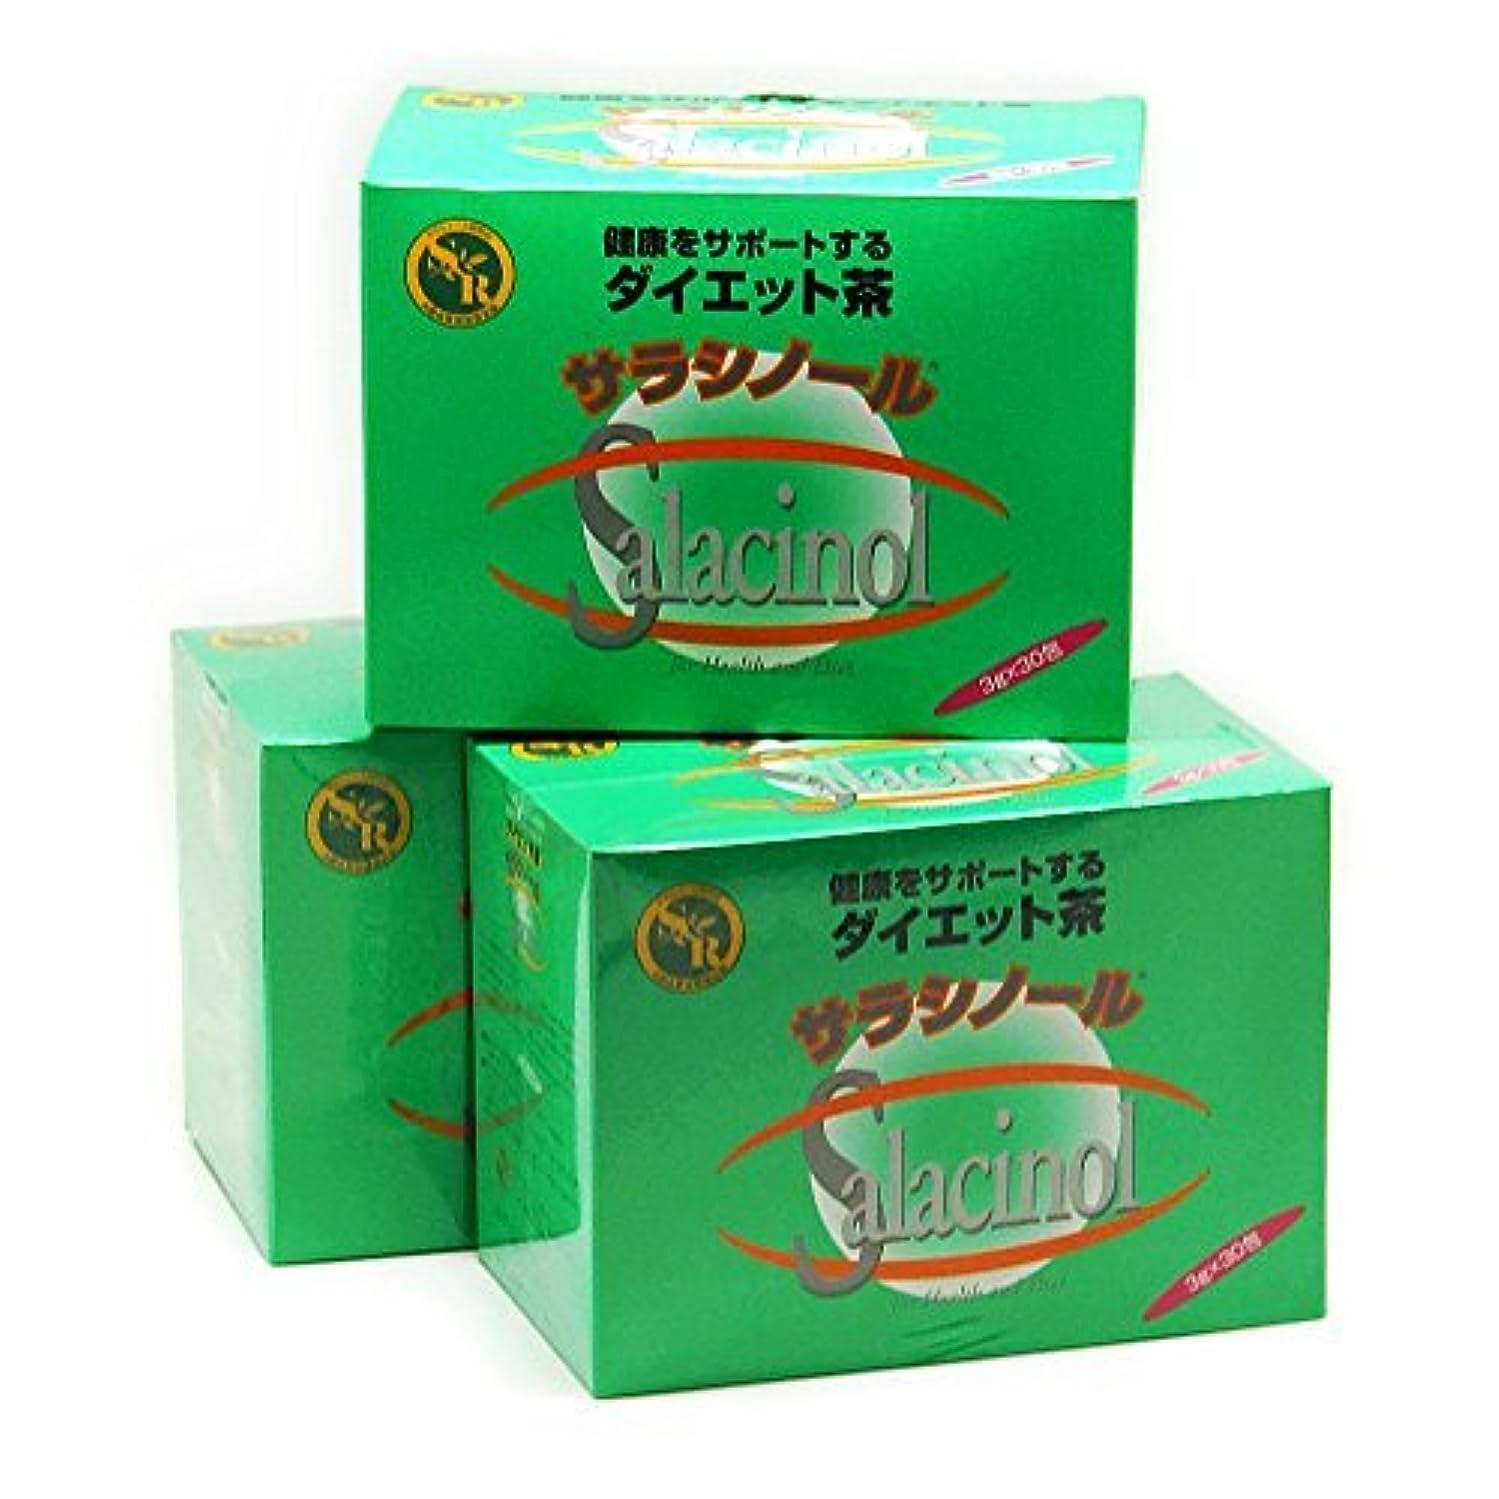 尾地平線コンソールサラシノール茶3g×30包(ティーバック)3箱